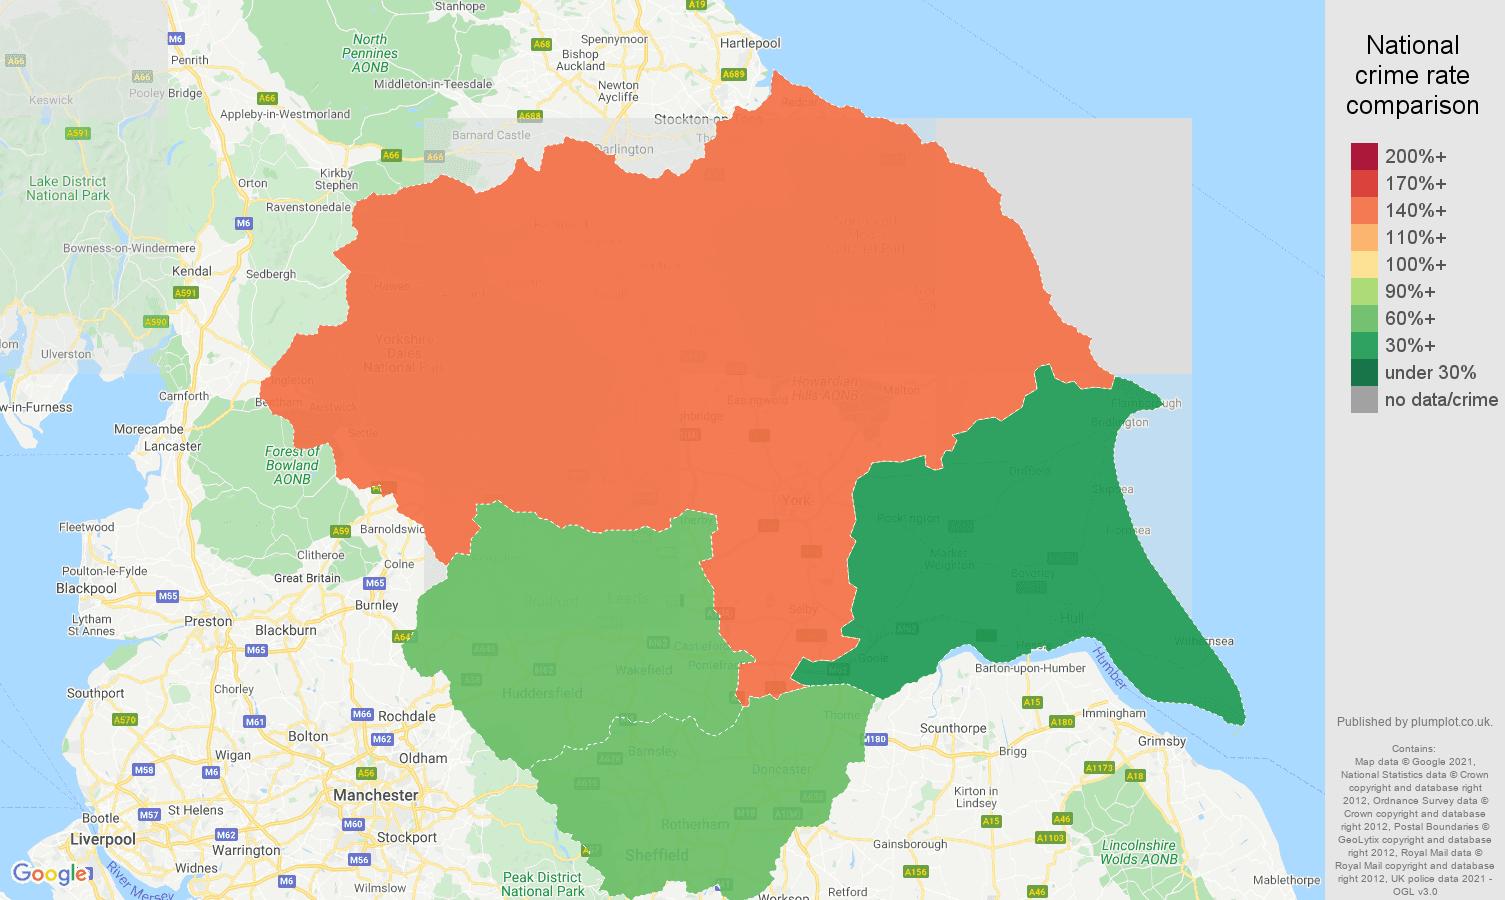 Yorkshire antisocial behaviour crime rate comparison map